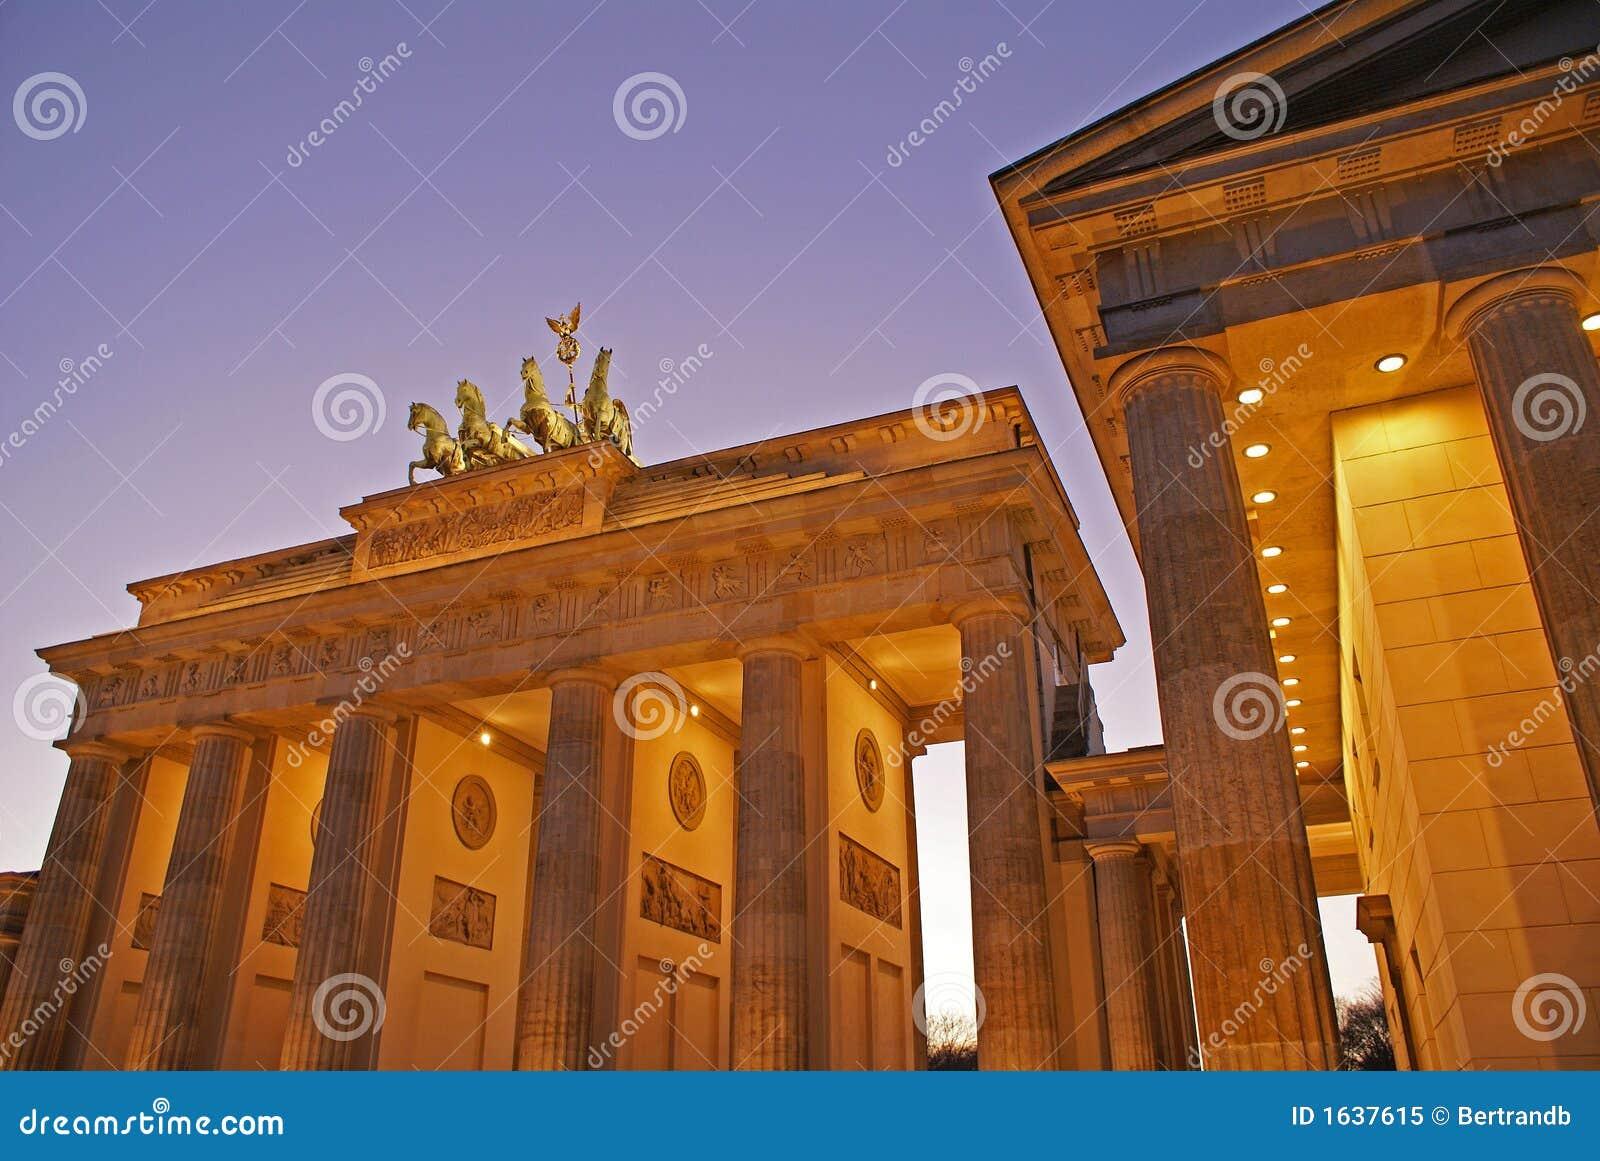 Porte de Brandebourg de Berlin Au nig